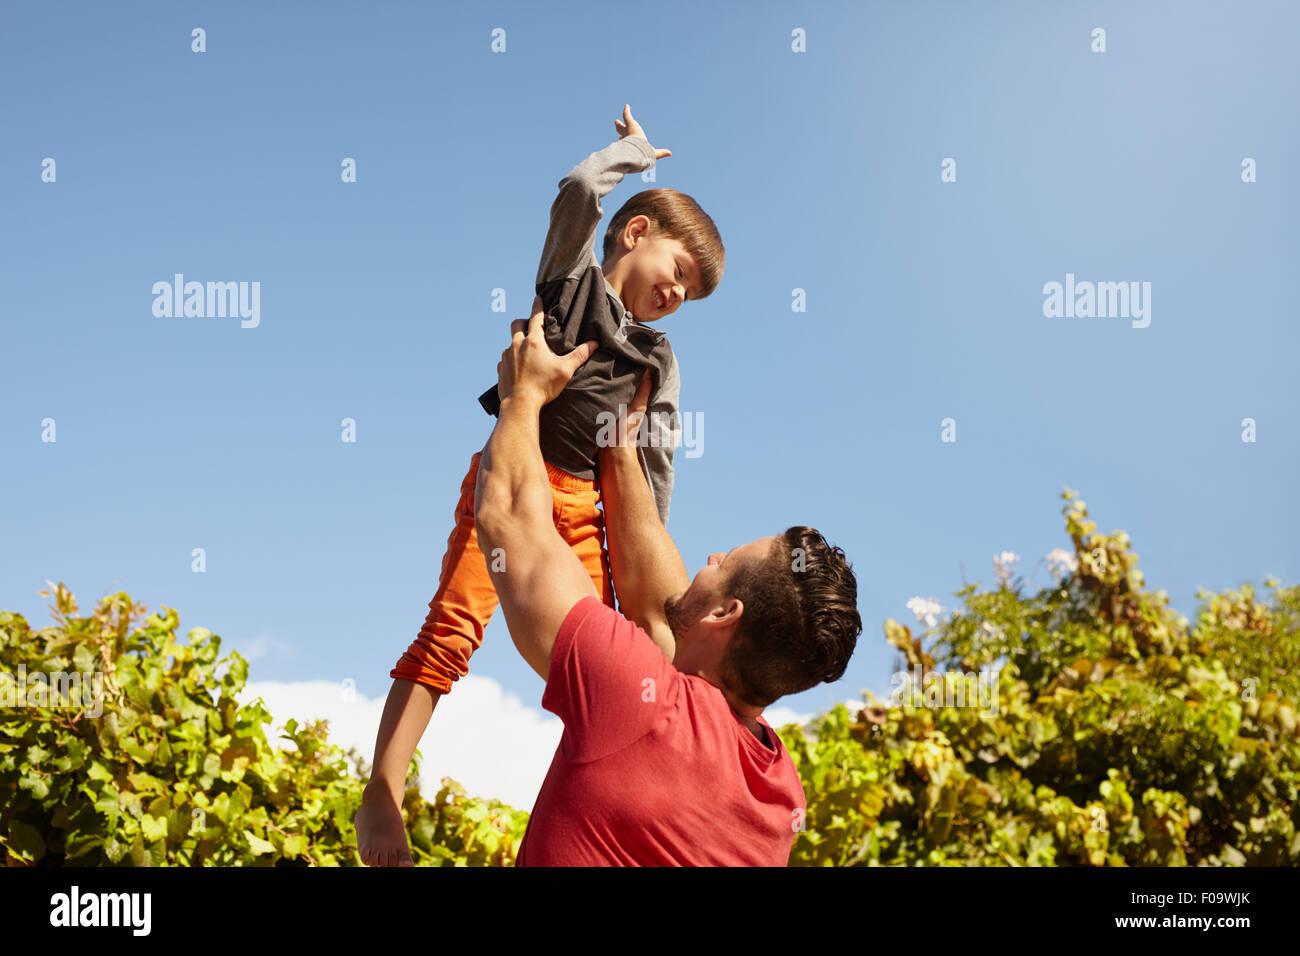 Foto de joven sosteniendo a su pequeño hijo en alto en el aire contra el cielo en un día soleado. Feliz Imagen De Stock